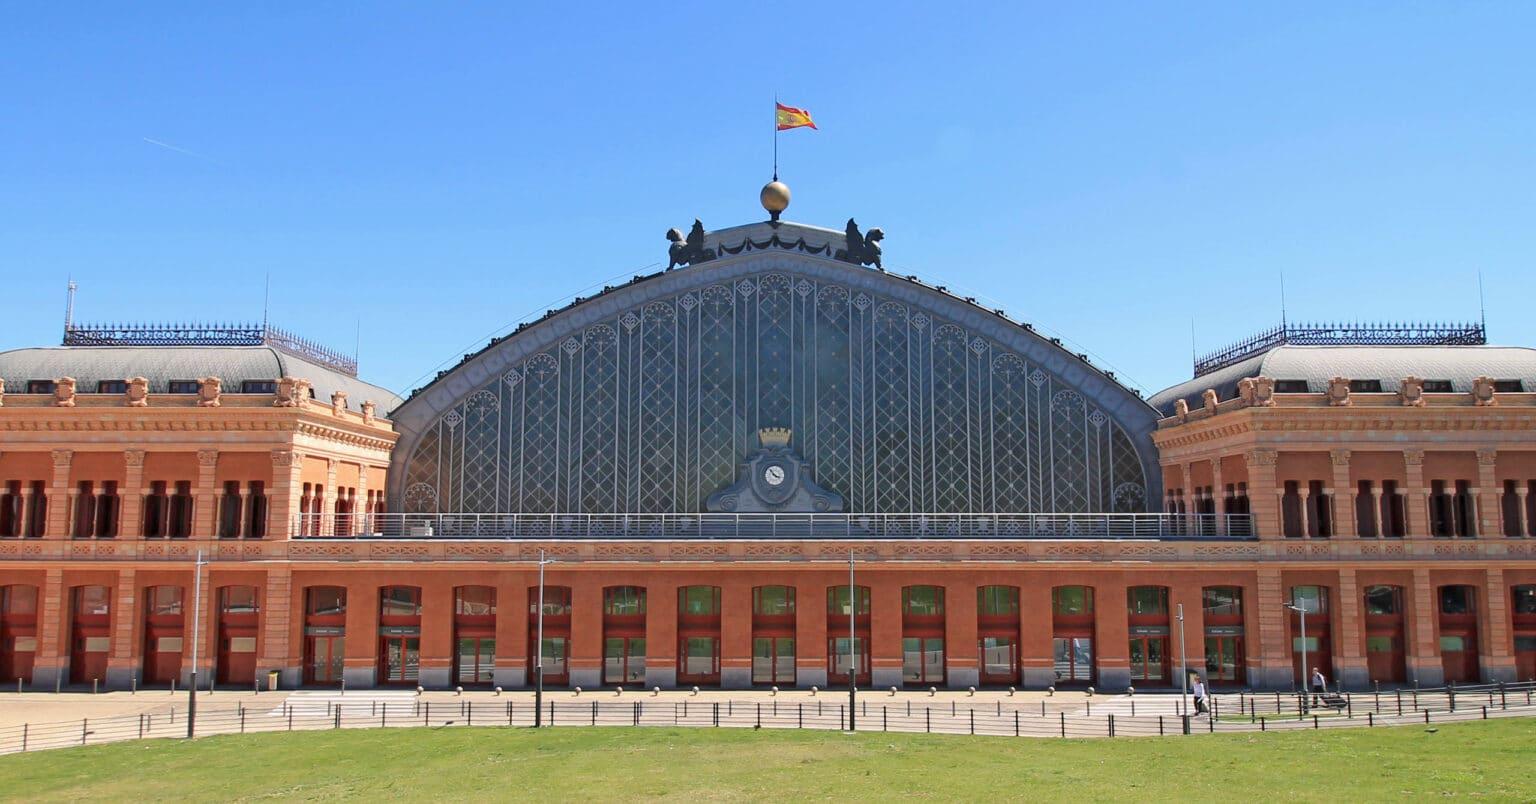 Fachada principal del edificio histórico de la estación de Atocha. LUIS GARCÍA (ZAQARBAL)